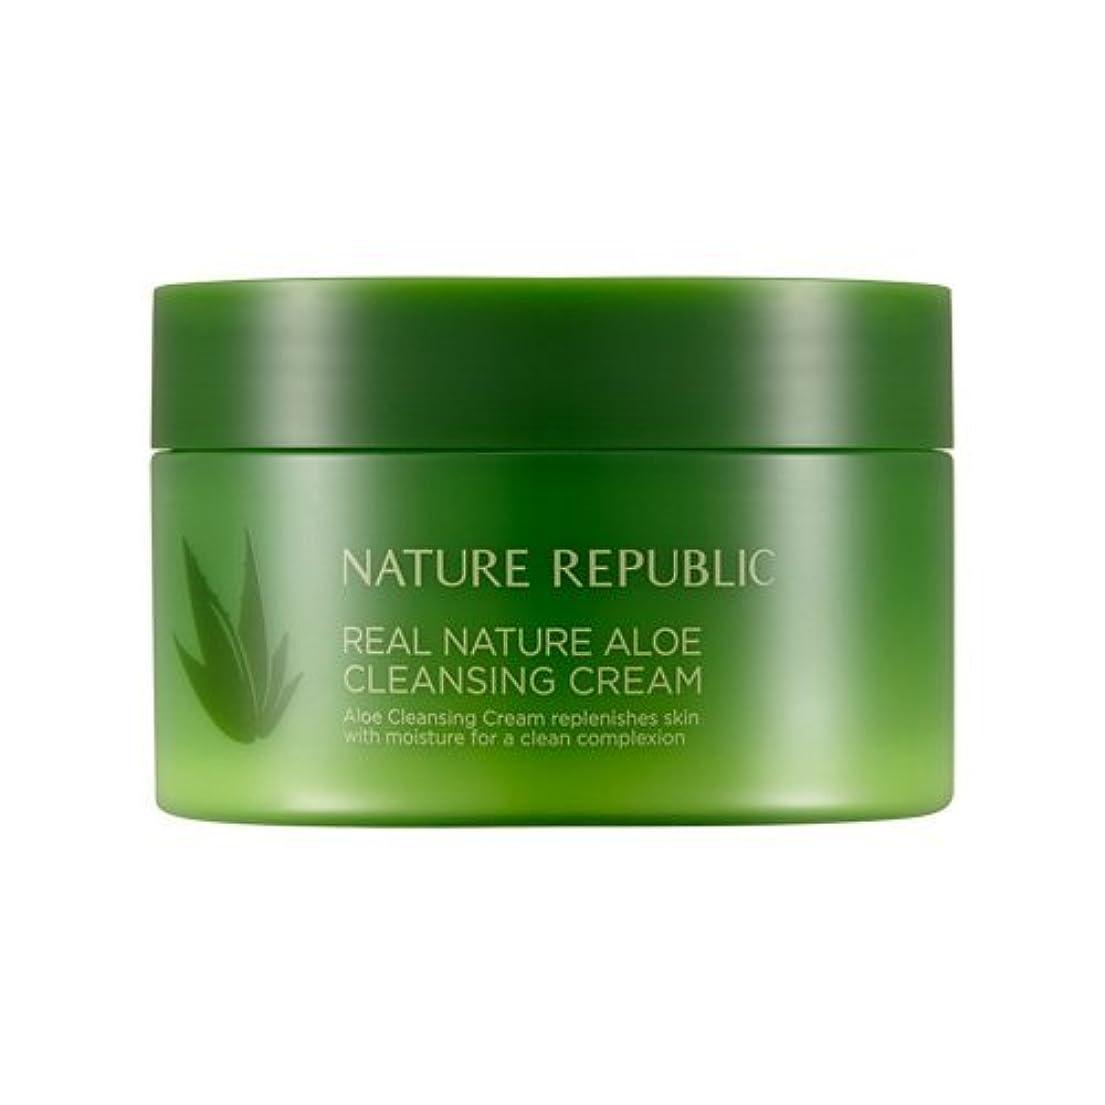 踏み台足枷侵入するNature Republic Real Nature Aloe Cleansing Cream / ネイチャーリパブリックリアルネイチャーアロエクレンジングクリーム200ml